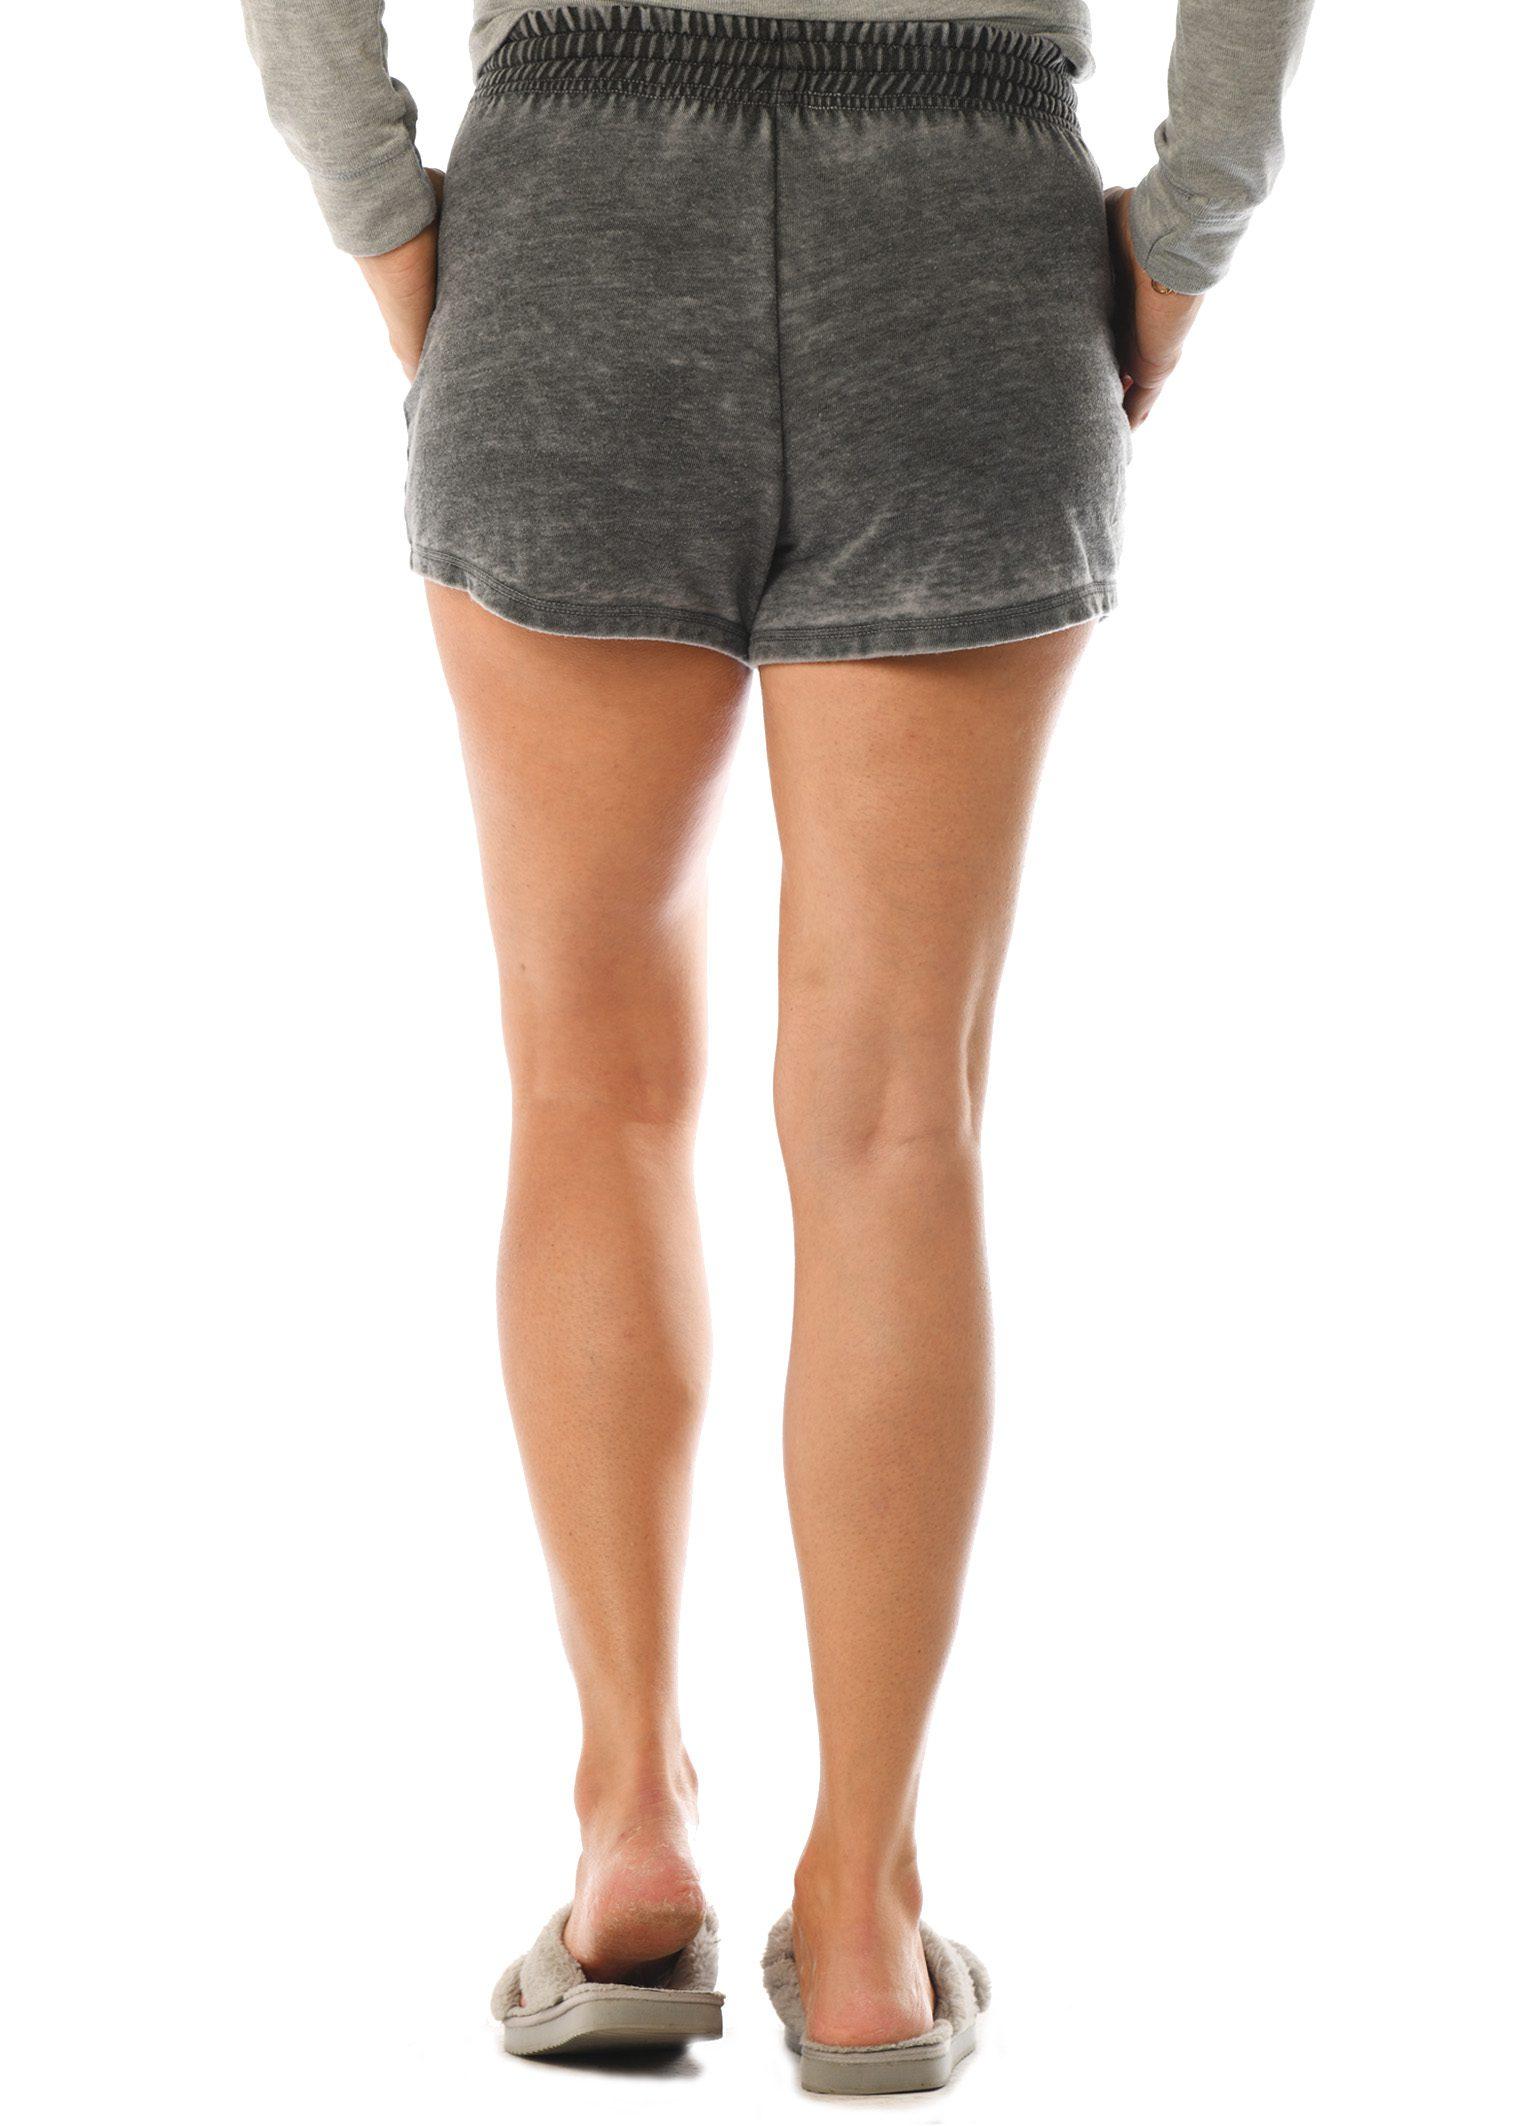 GG 362-B M Women's Worn Wash Shorts Back